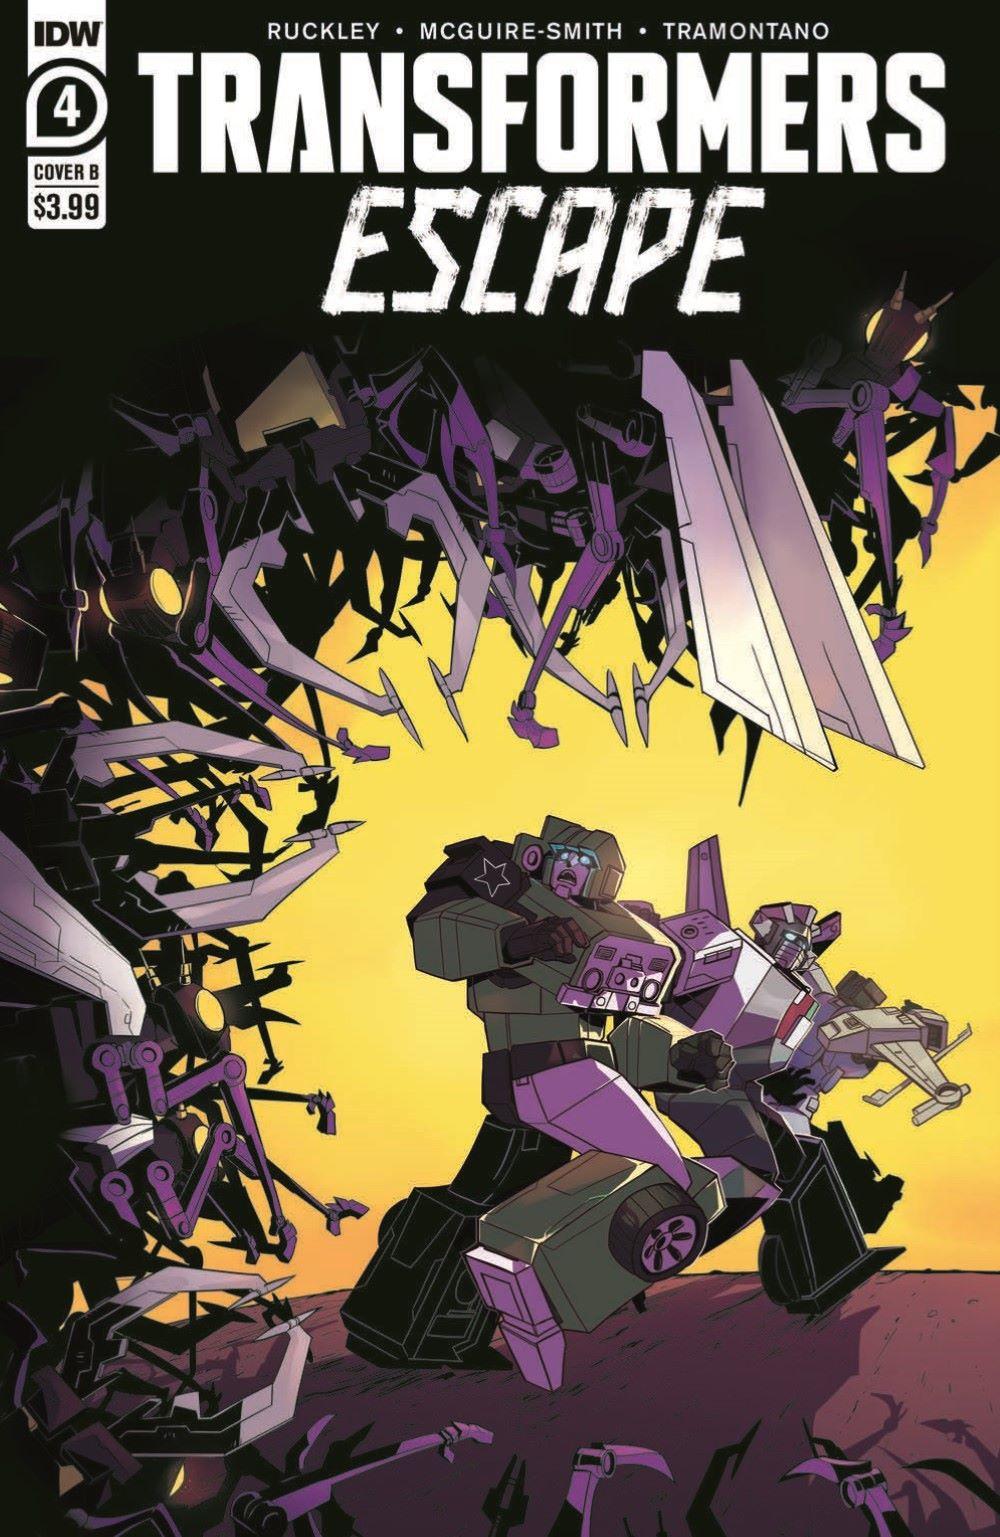 TFEscape04-pr-2 ComicList Previews: TRANSFORMERS ESCAPE #4 (OF 5)